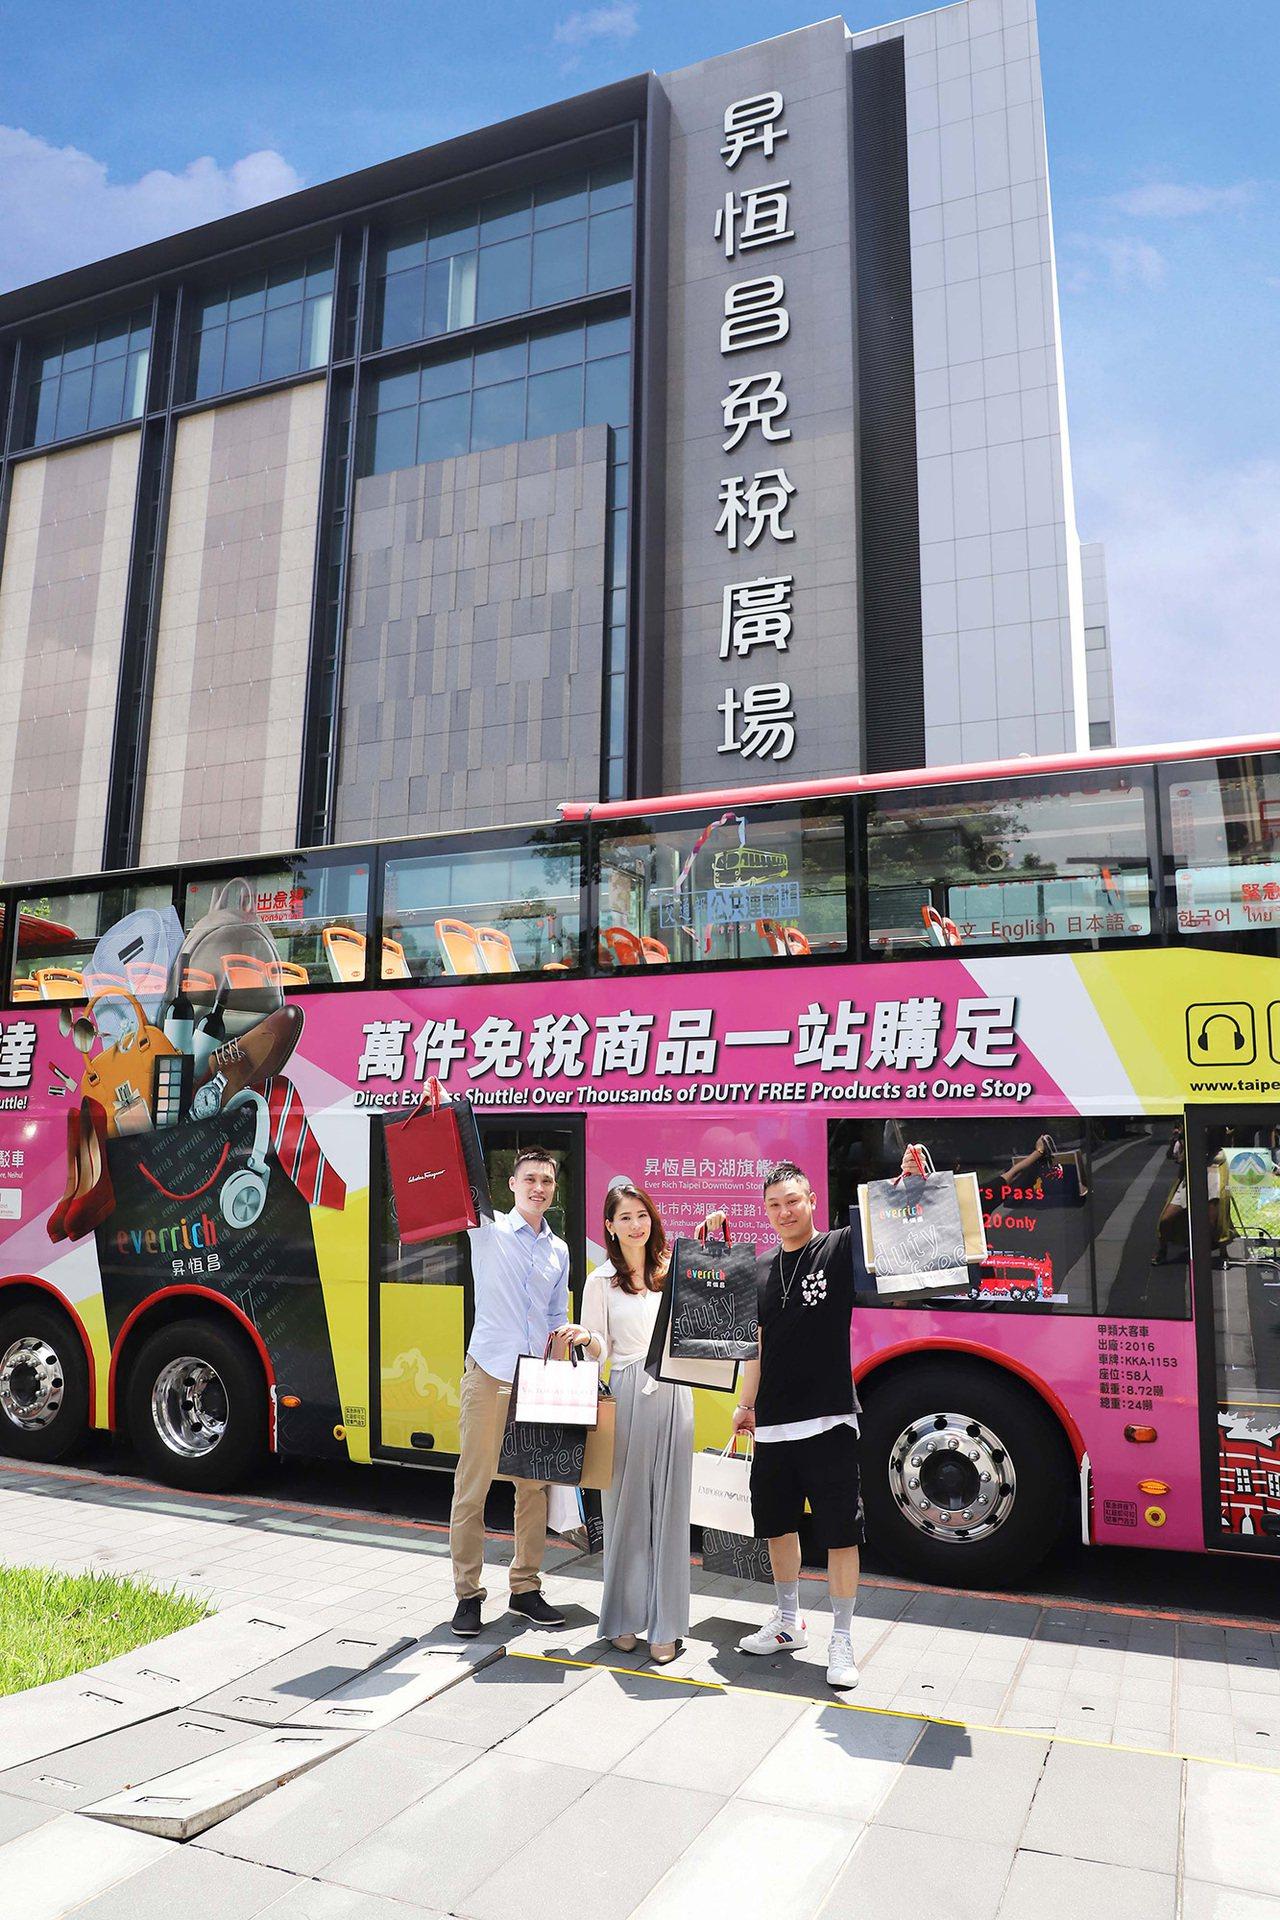 雙十國慶連假即將到來,更是全家出國旅遊的最佳時機,為了讓旅客盡情享受免稅的購物優...